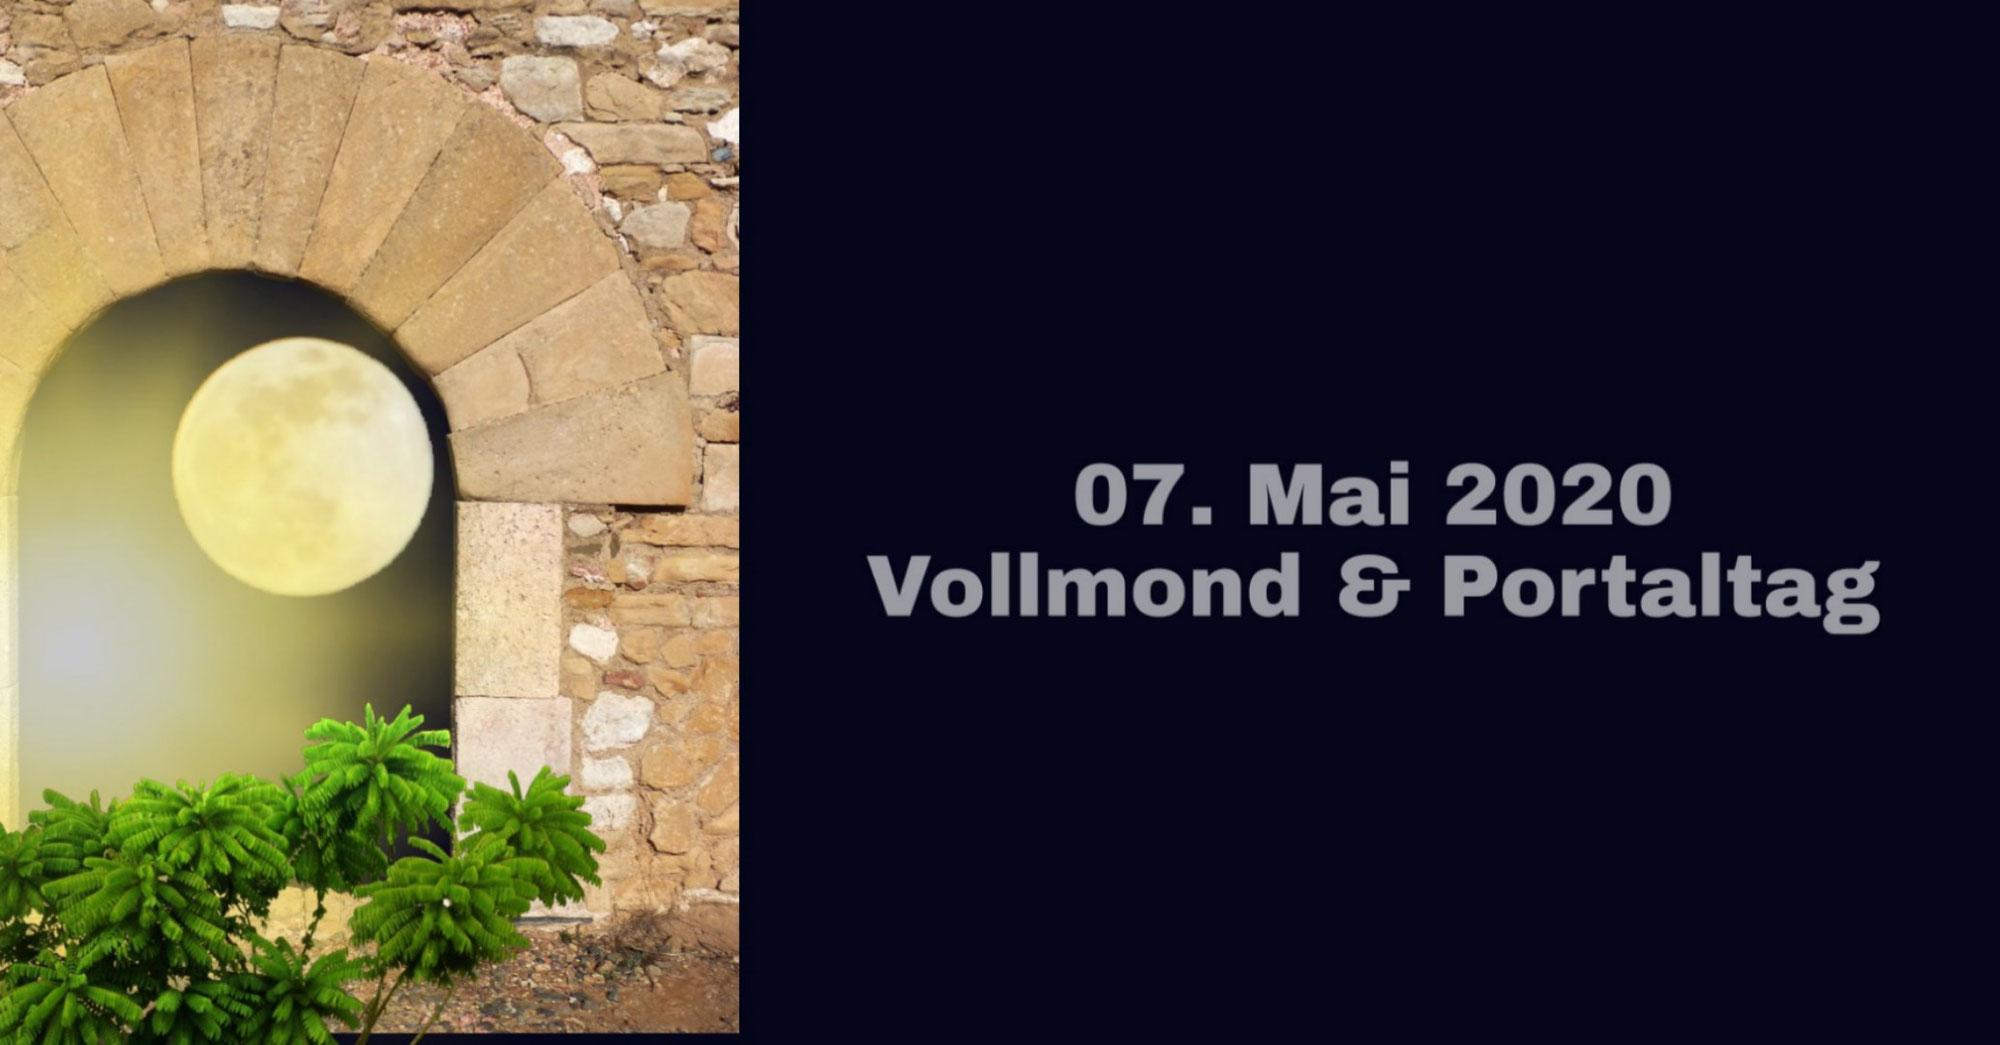 Vollmond-Portal-Tag